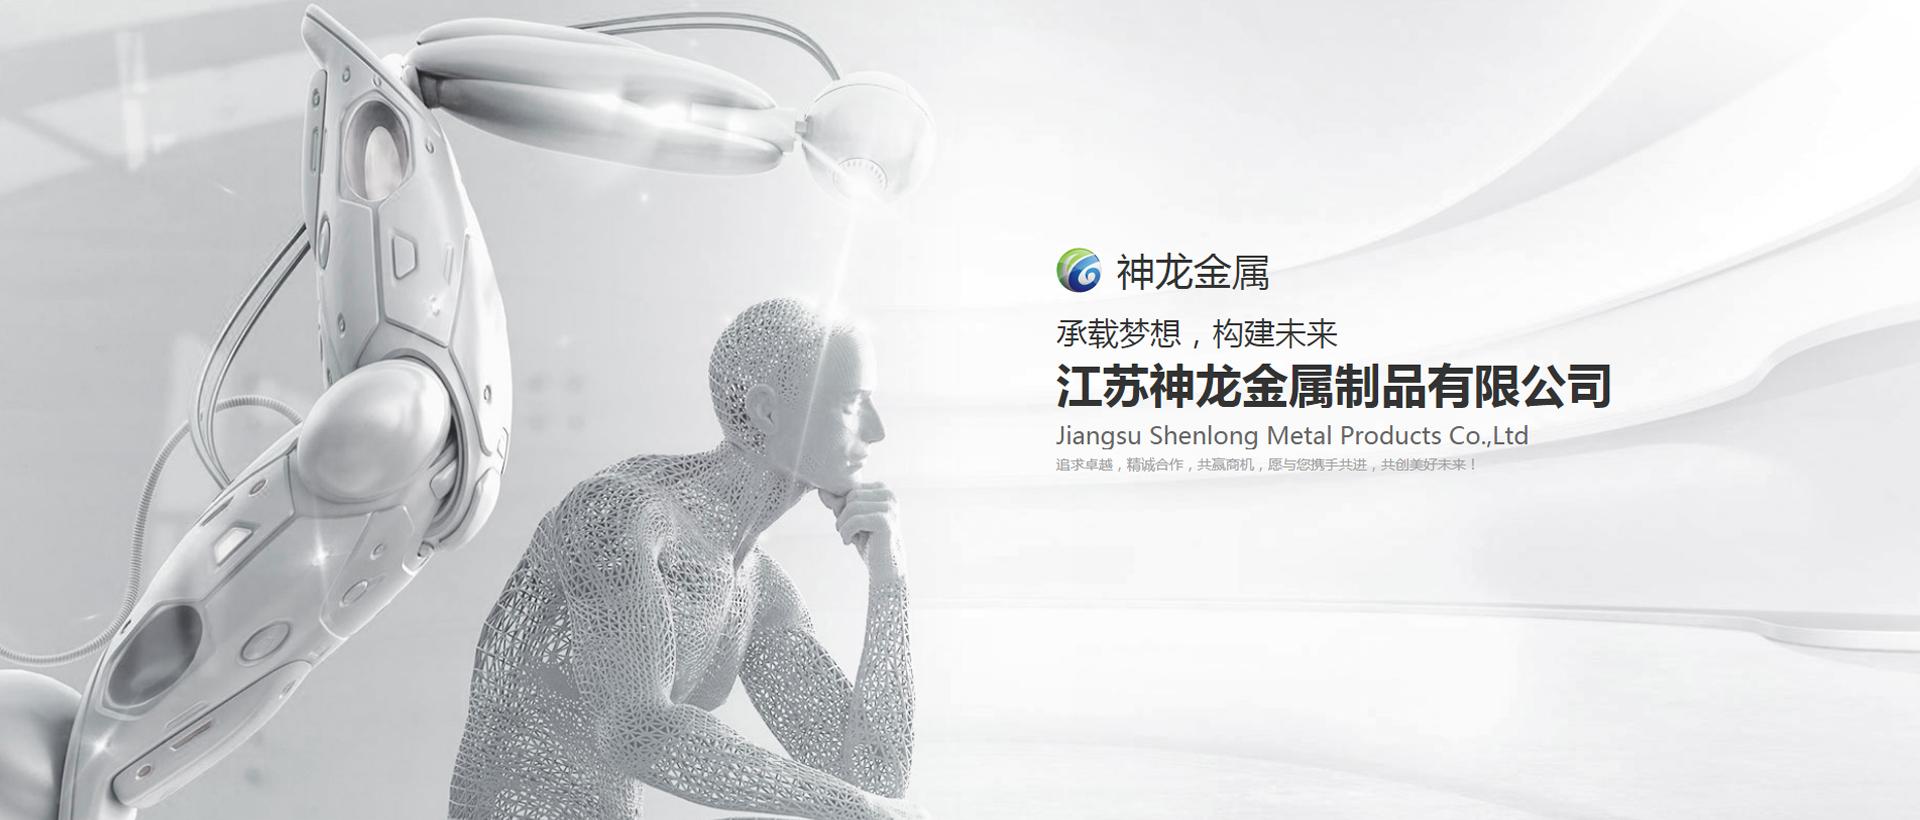 江苏上海五星体育直播金属制品有限公司